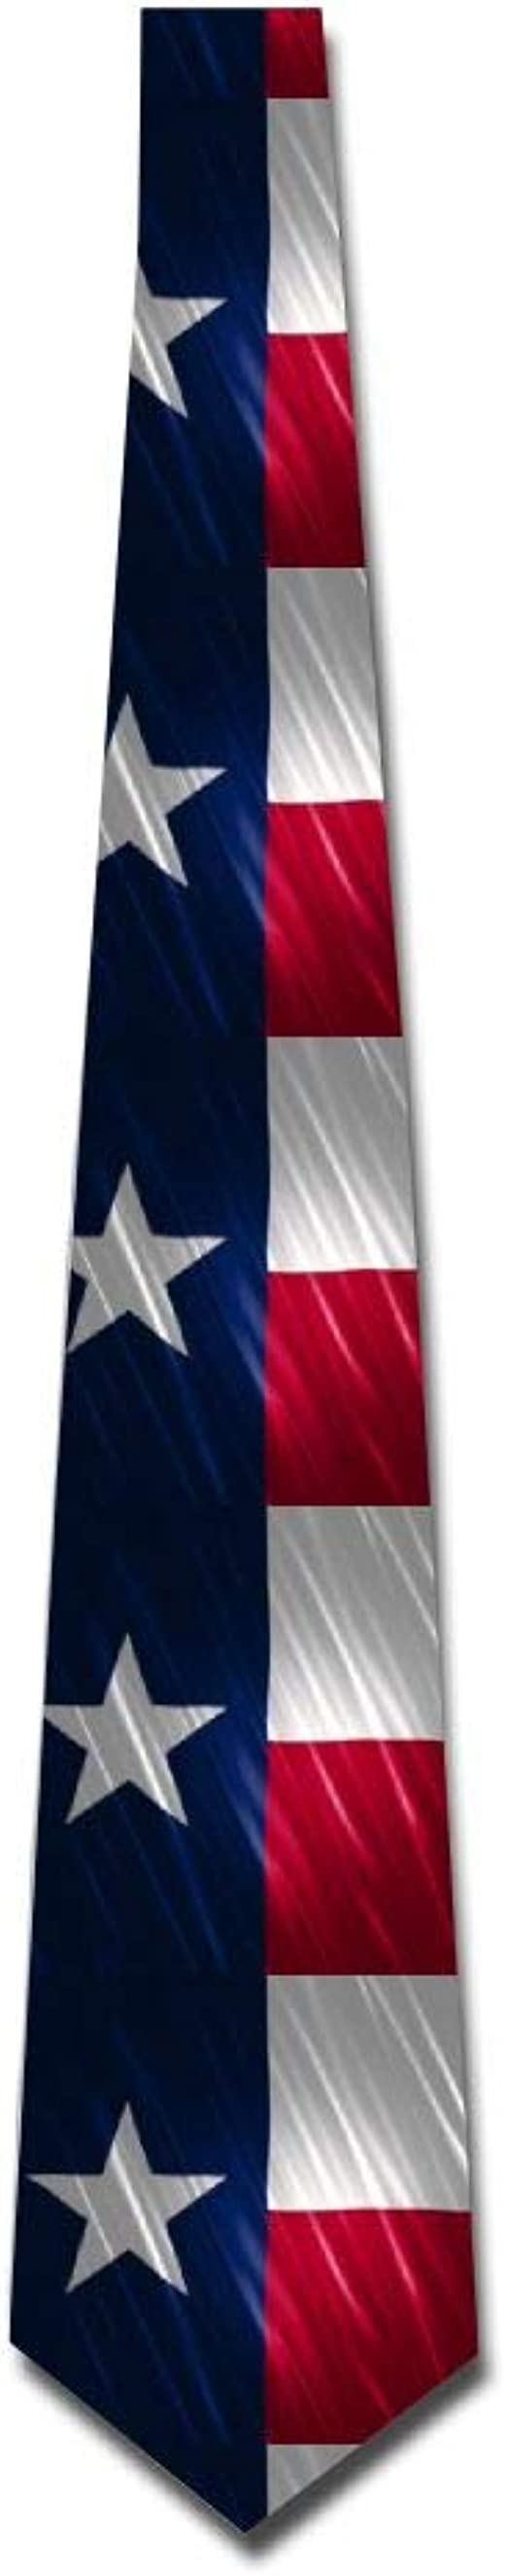 Mens Vintage Flag Of Texas Fashion Casual Tie Necktie